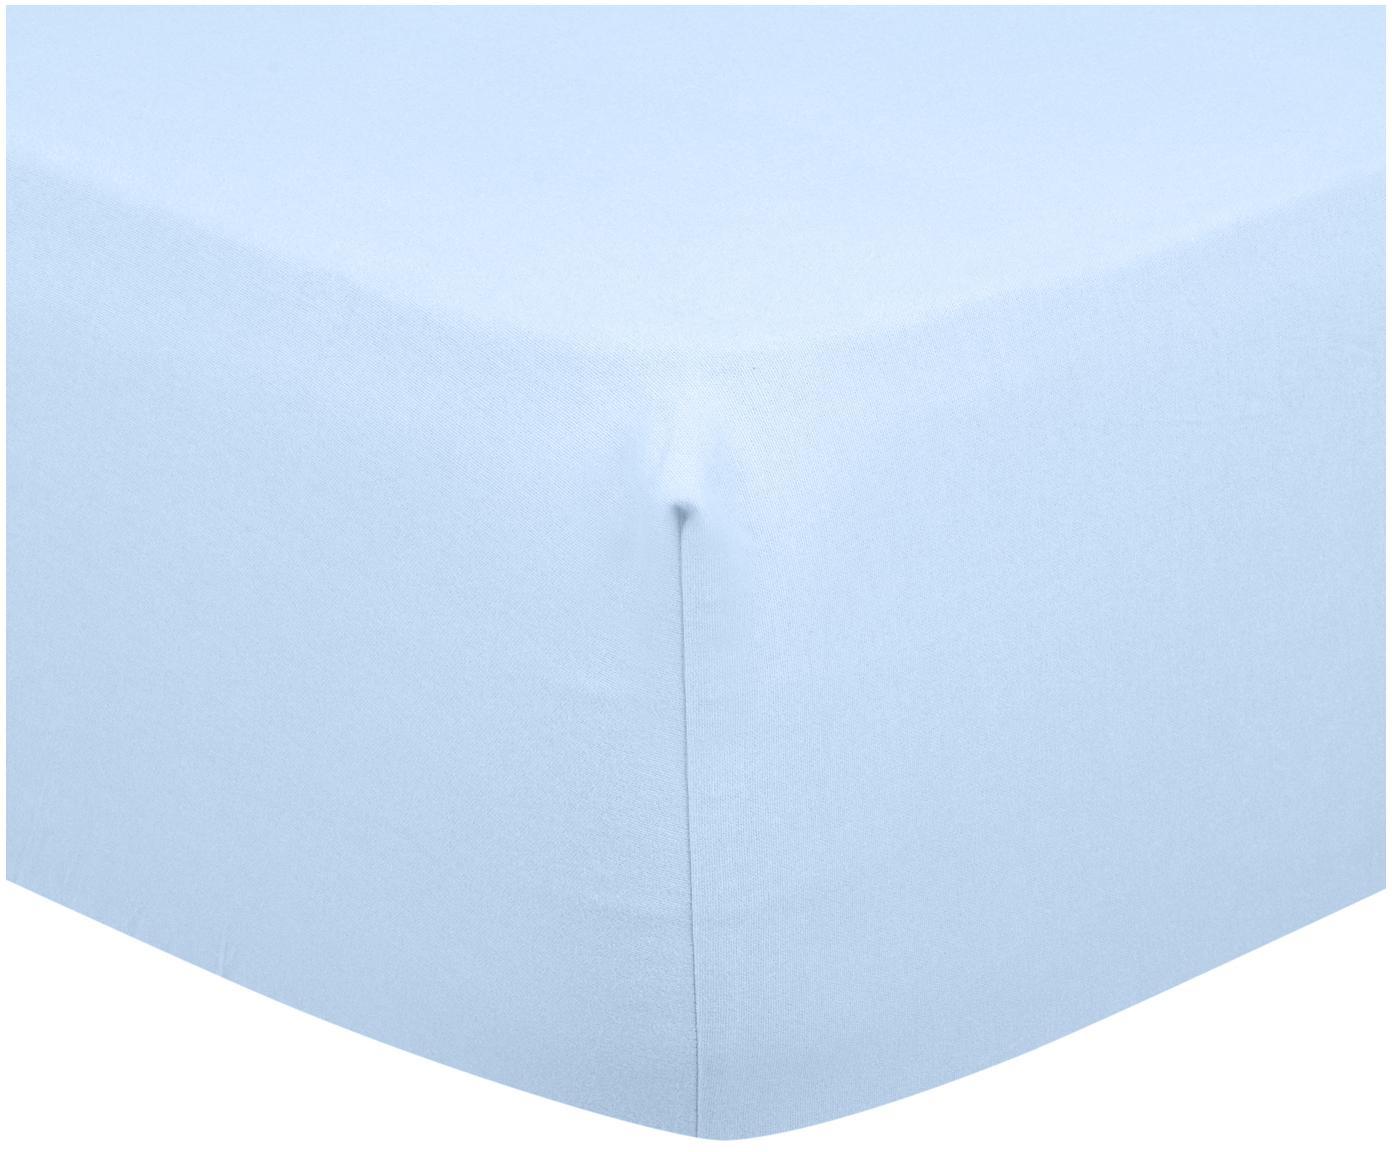 Spannbettlaken Biba in Hellblau, Flanell, Webart: Flanell, Hellblau, 180 x 200 cm